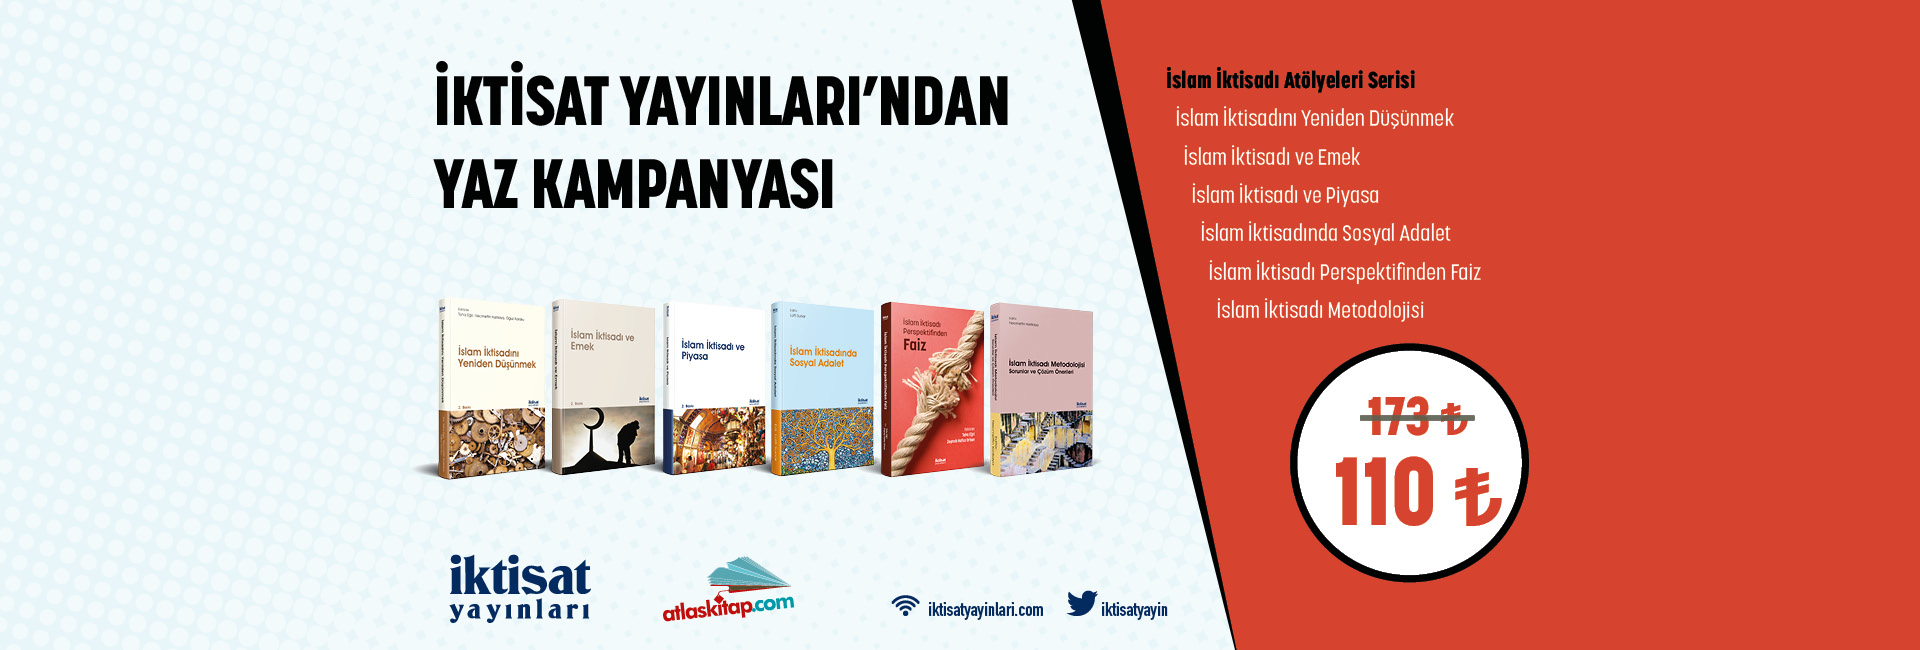 http://iktisatyayinlari.com/content/1-home/iiayazkampanyasi_web3.jpg